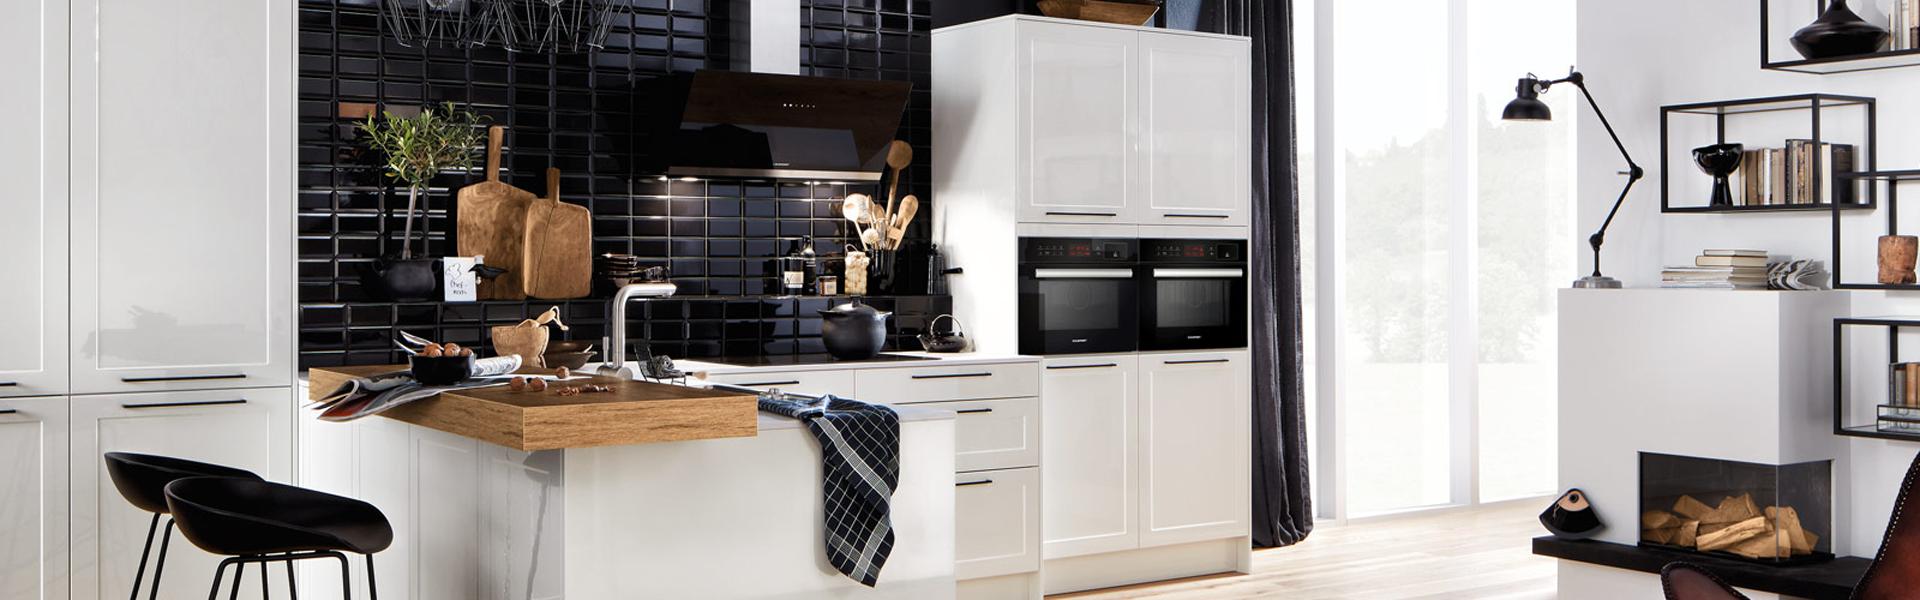 Witte woonkeuken | Keuken inspiratie | Eigenhuis Keukens